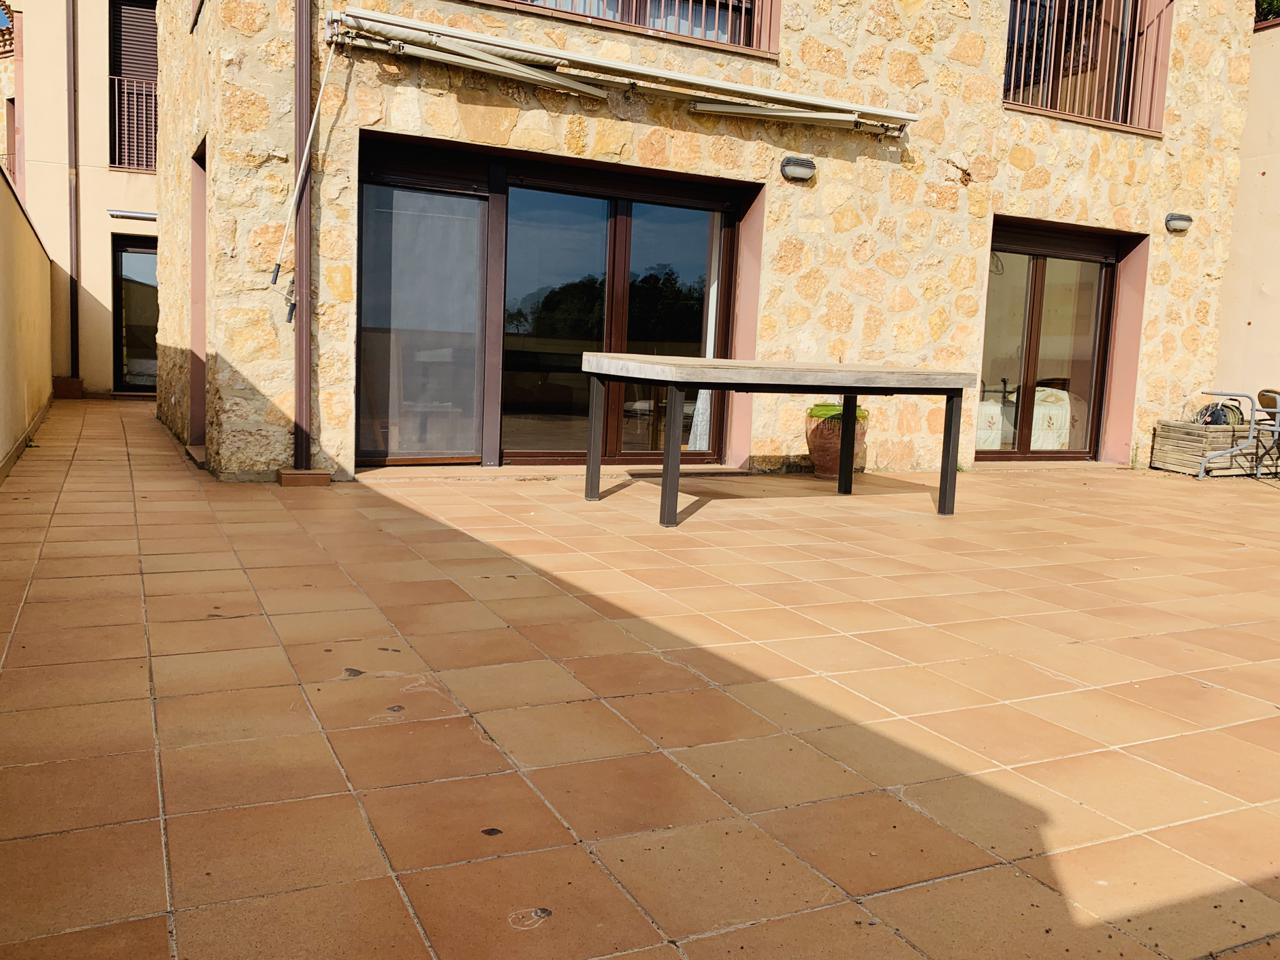 Piso  Vilanova de prades. Piso ámplio y súper luminoso de 92 metros útiles + terraza de 98